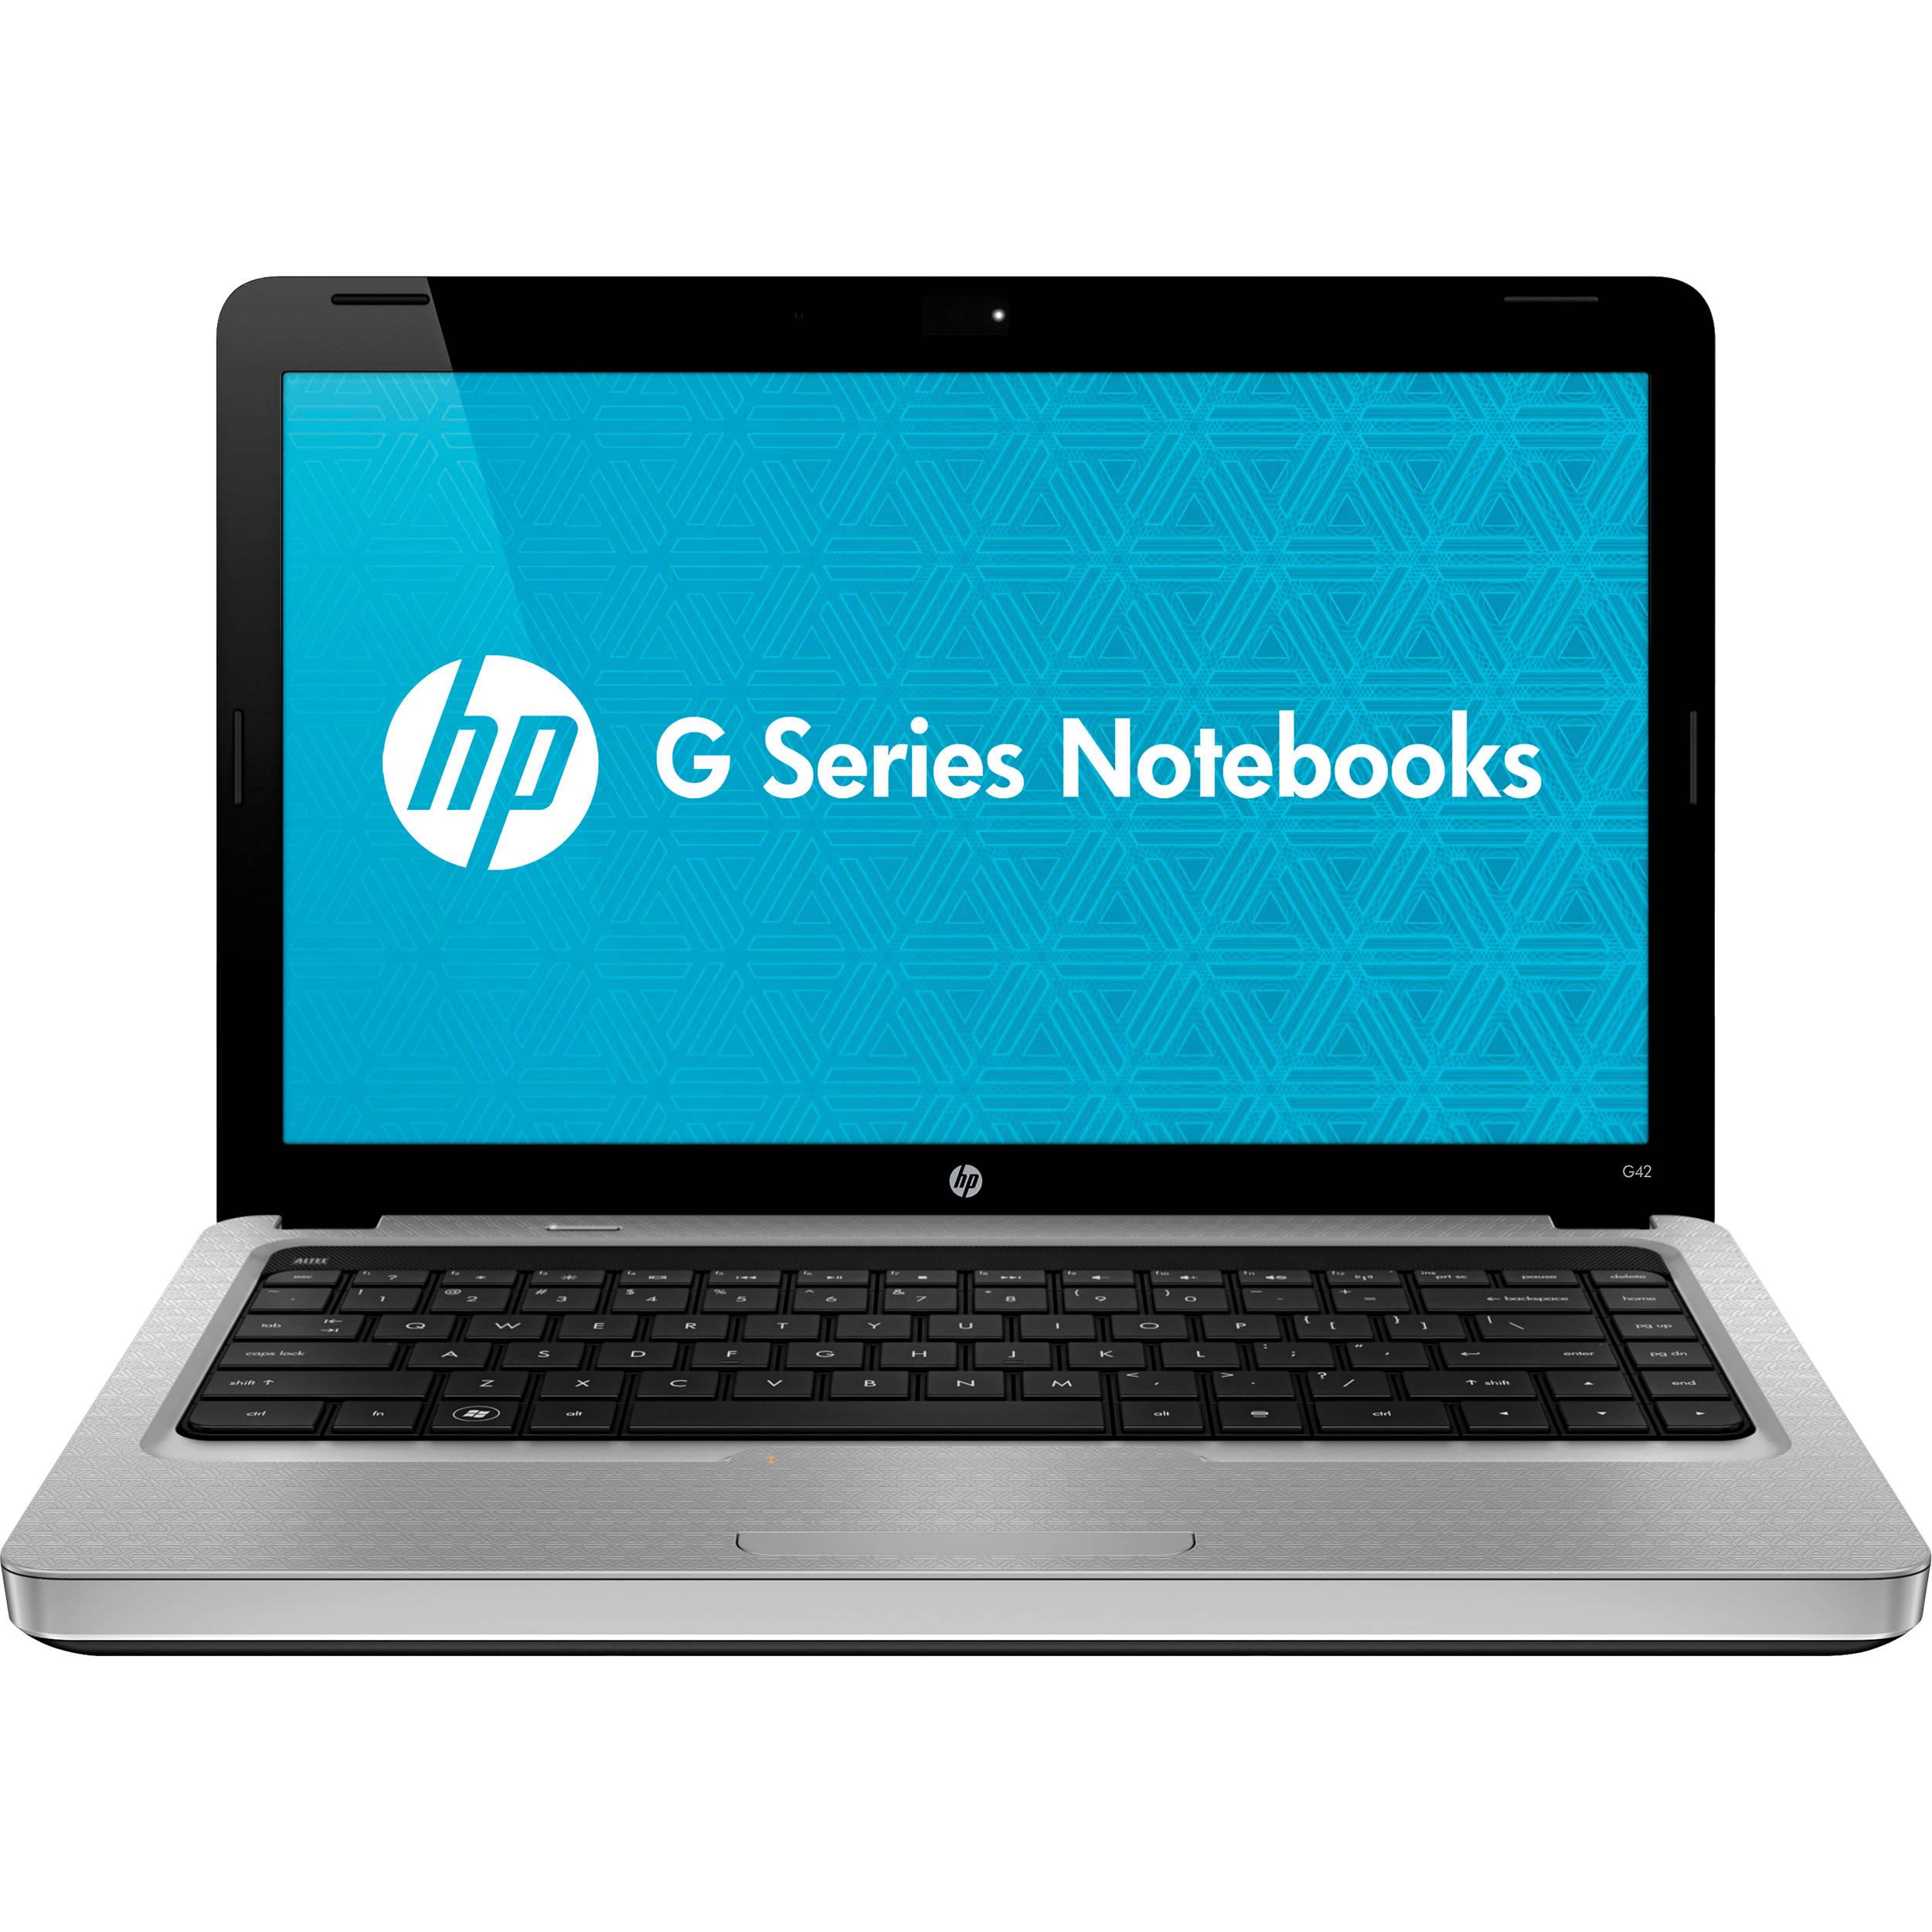 HP G42-230US Notebook Windows 7 64-BIT